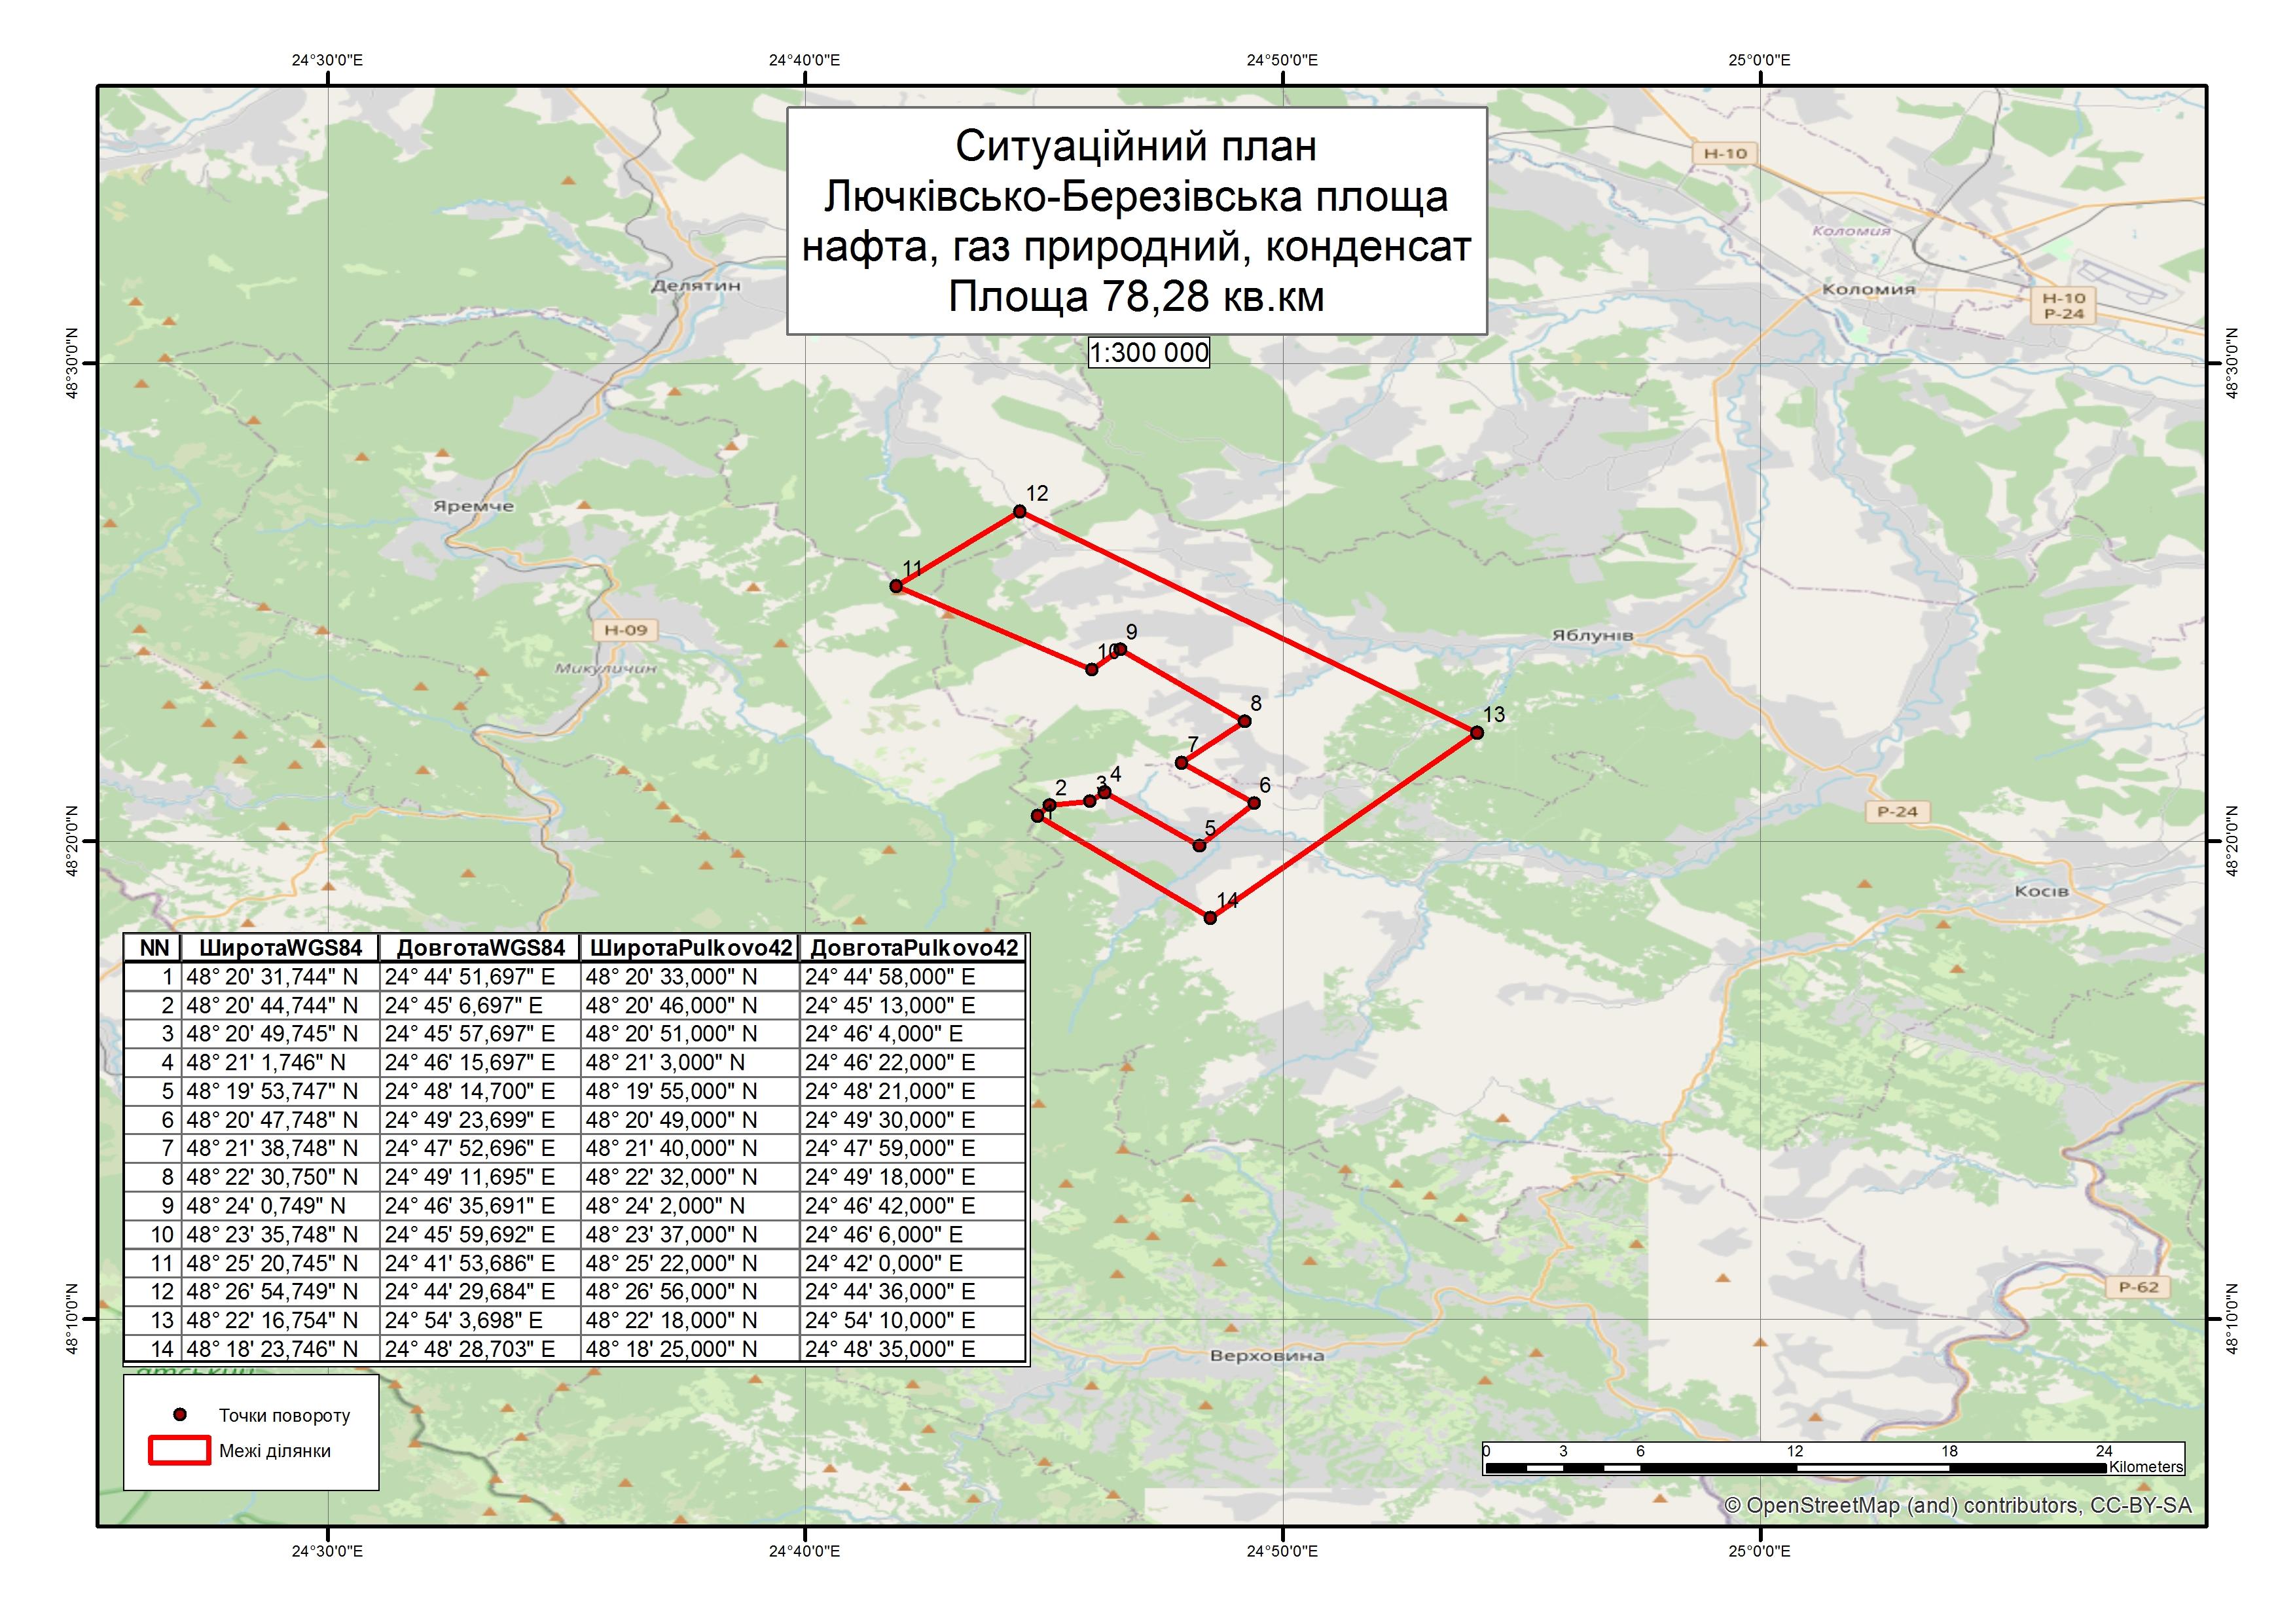 Спеціальний дозвіл на користування надрами –  Лючківсько-Березівська площа. Вартість геологічної інформації – 2 216 578,57 грн (з ПДВ). Вартість пакету аукціонної документації – 72 550 грн (з ПДВ).